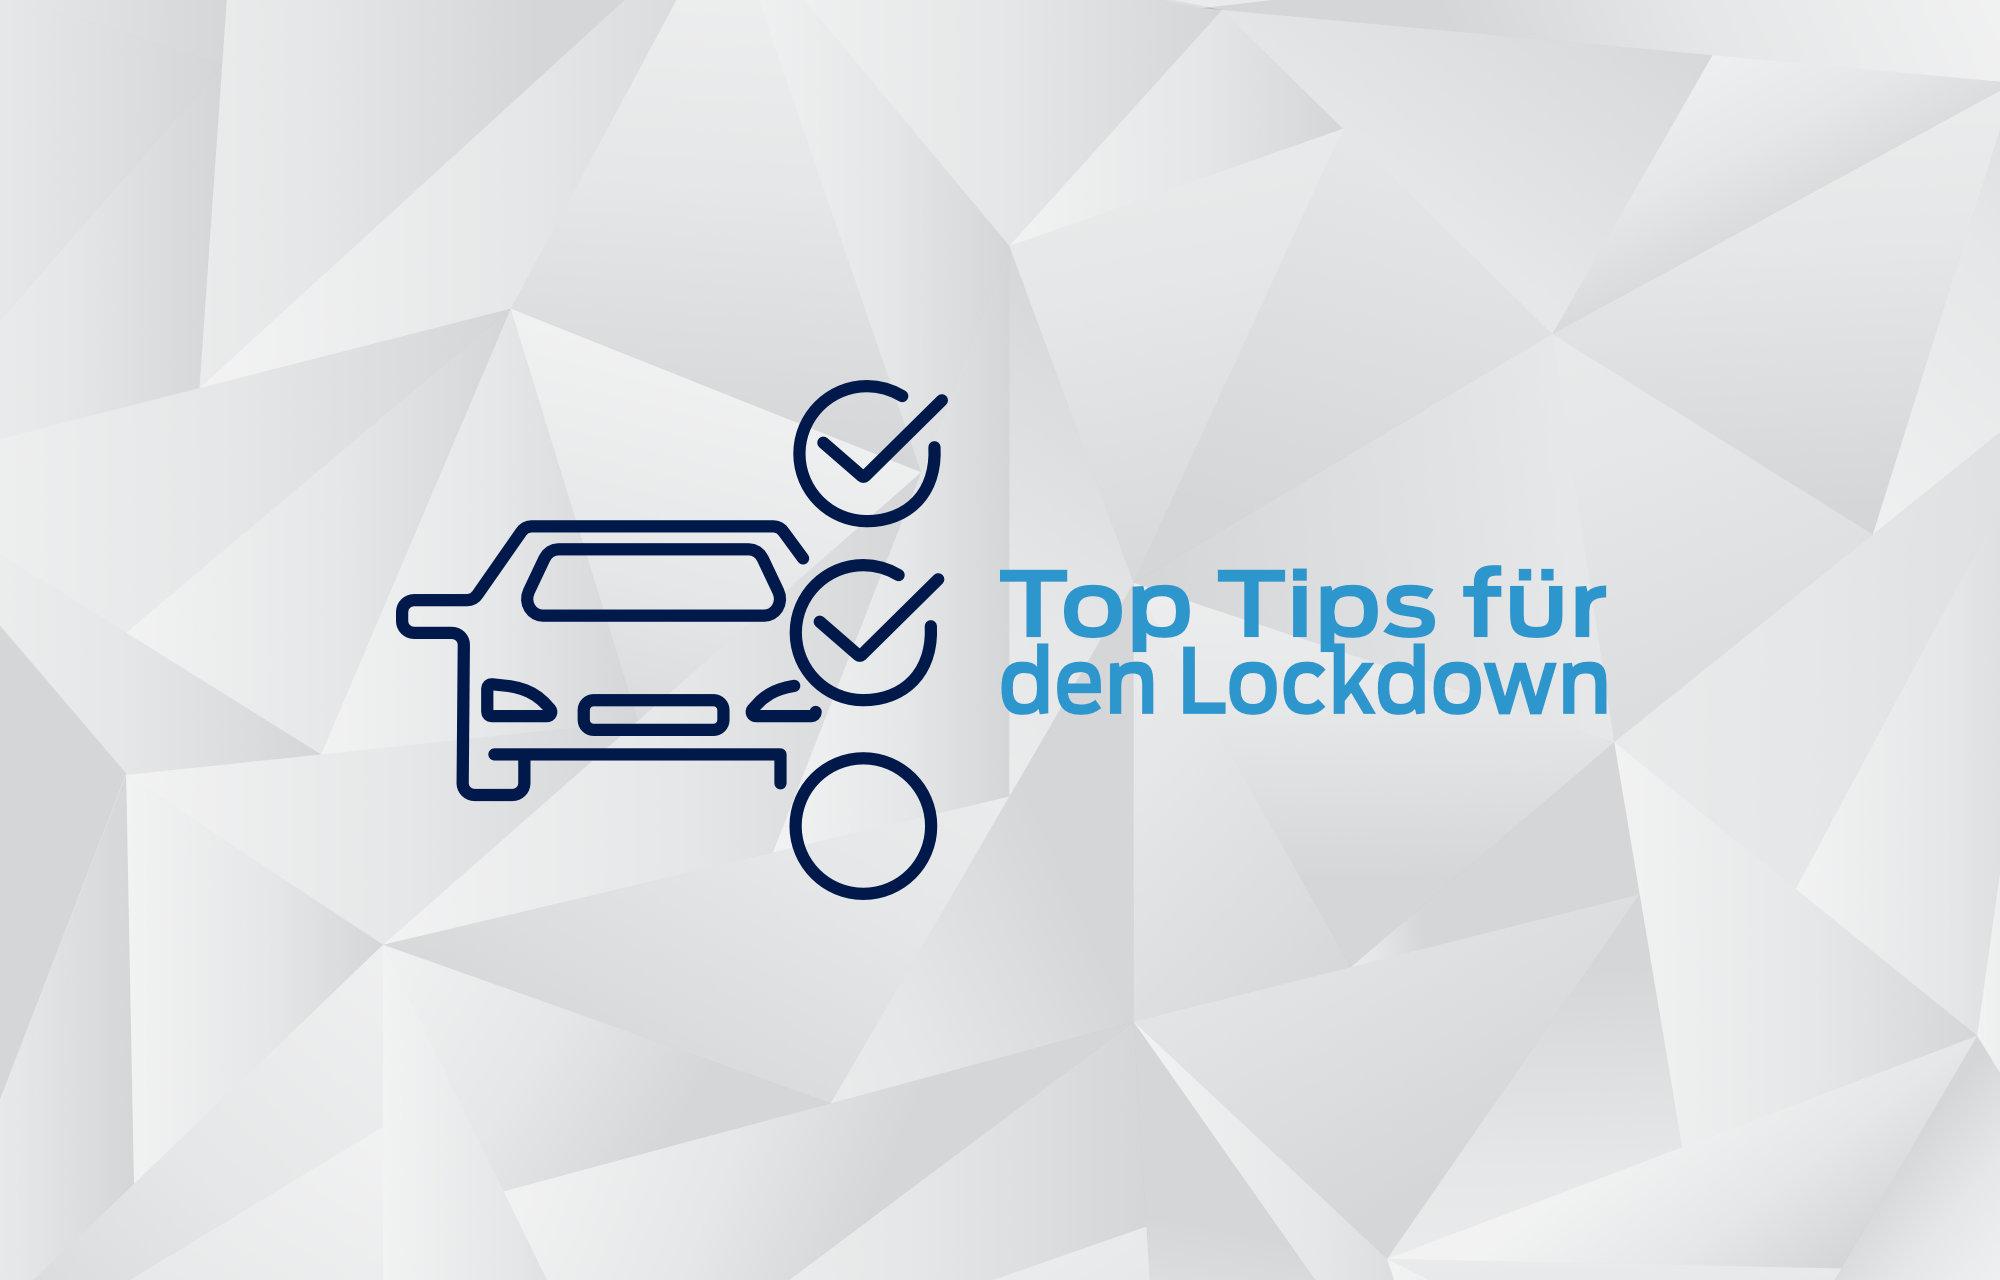 Top-Tips für den Lockdown